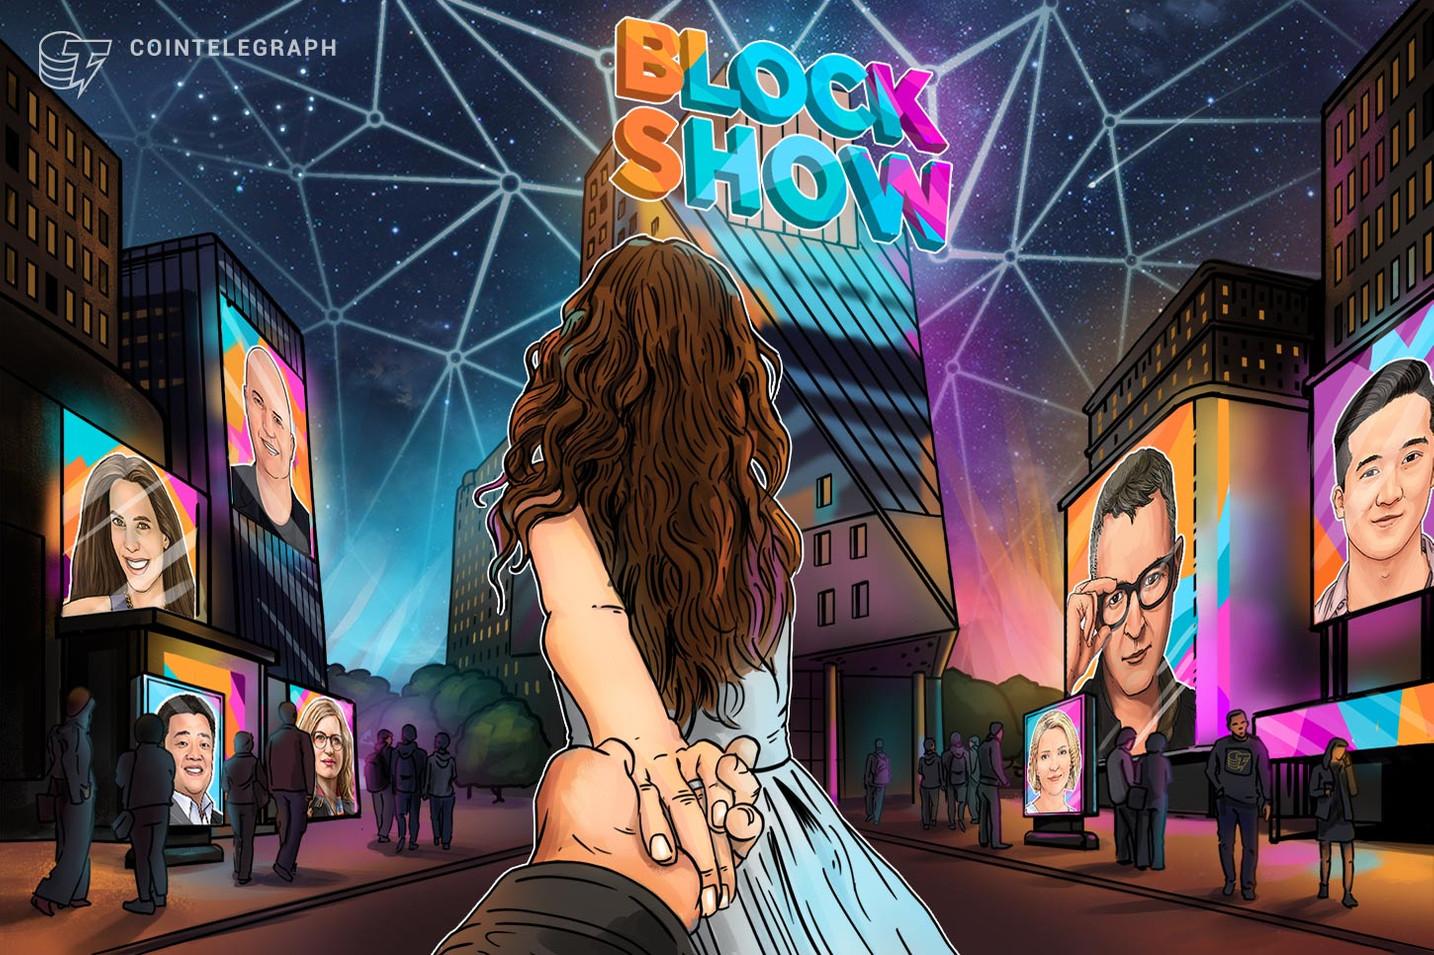 BlockShow Europe 2018 revela una gran actualización, días previos al evento